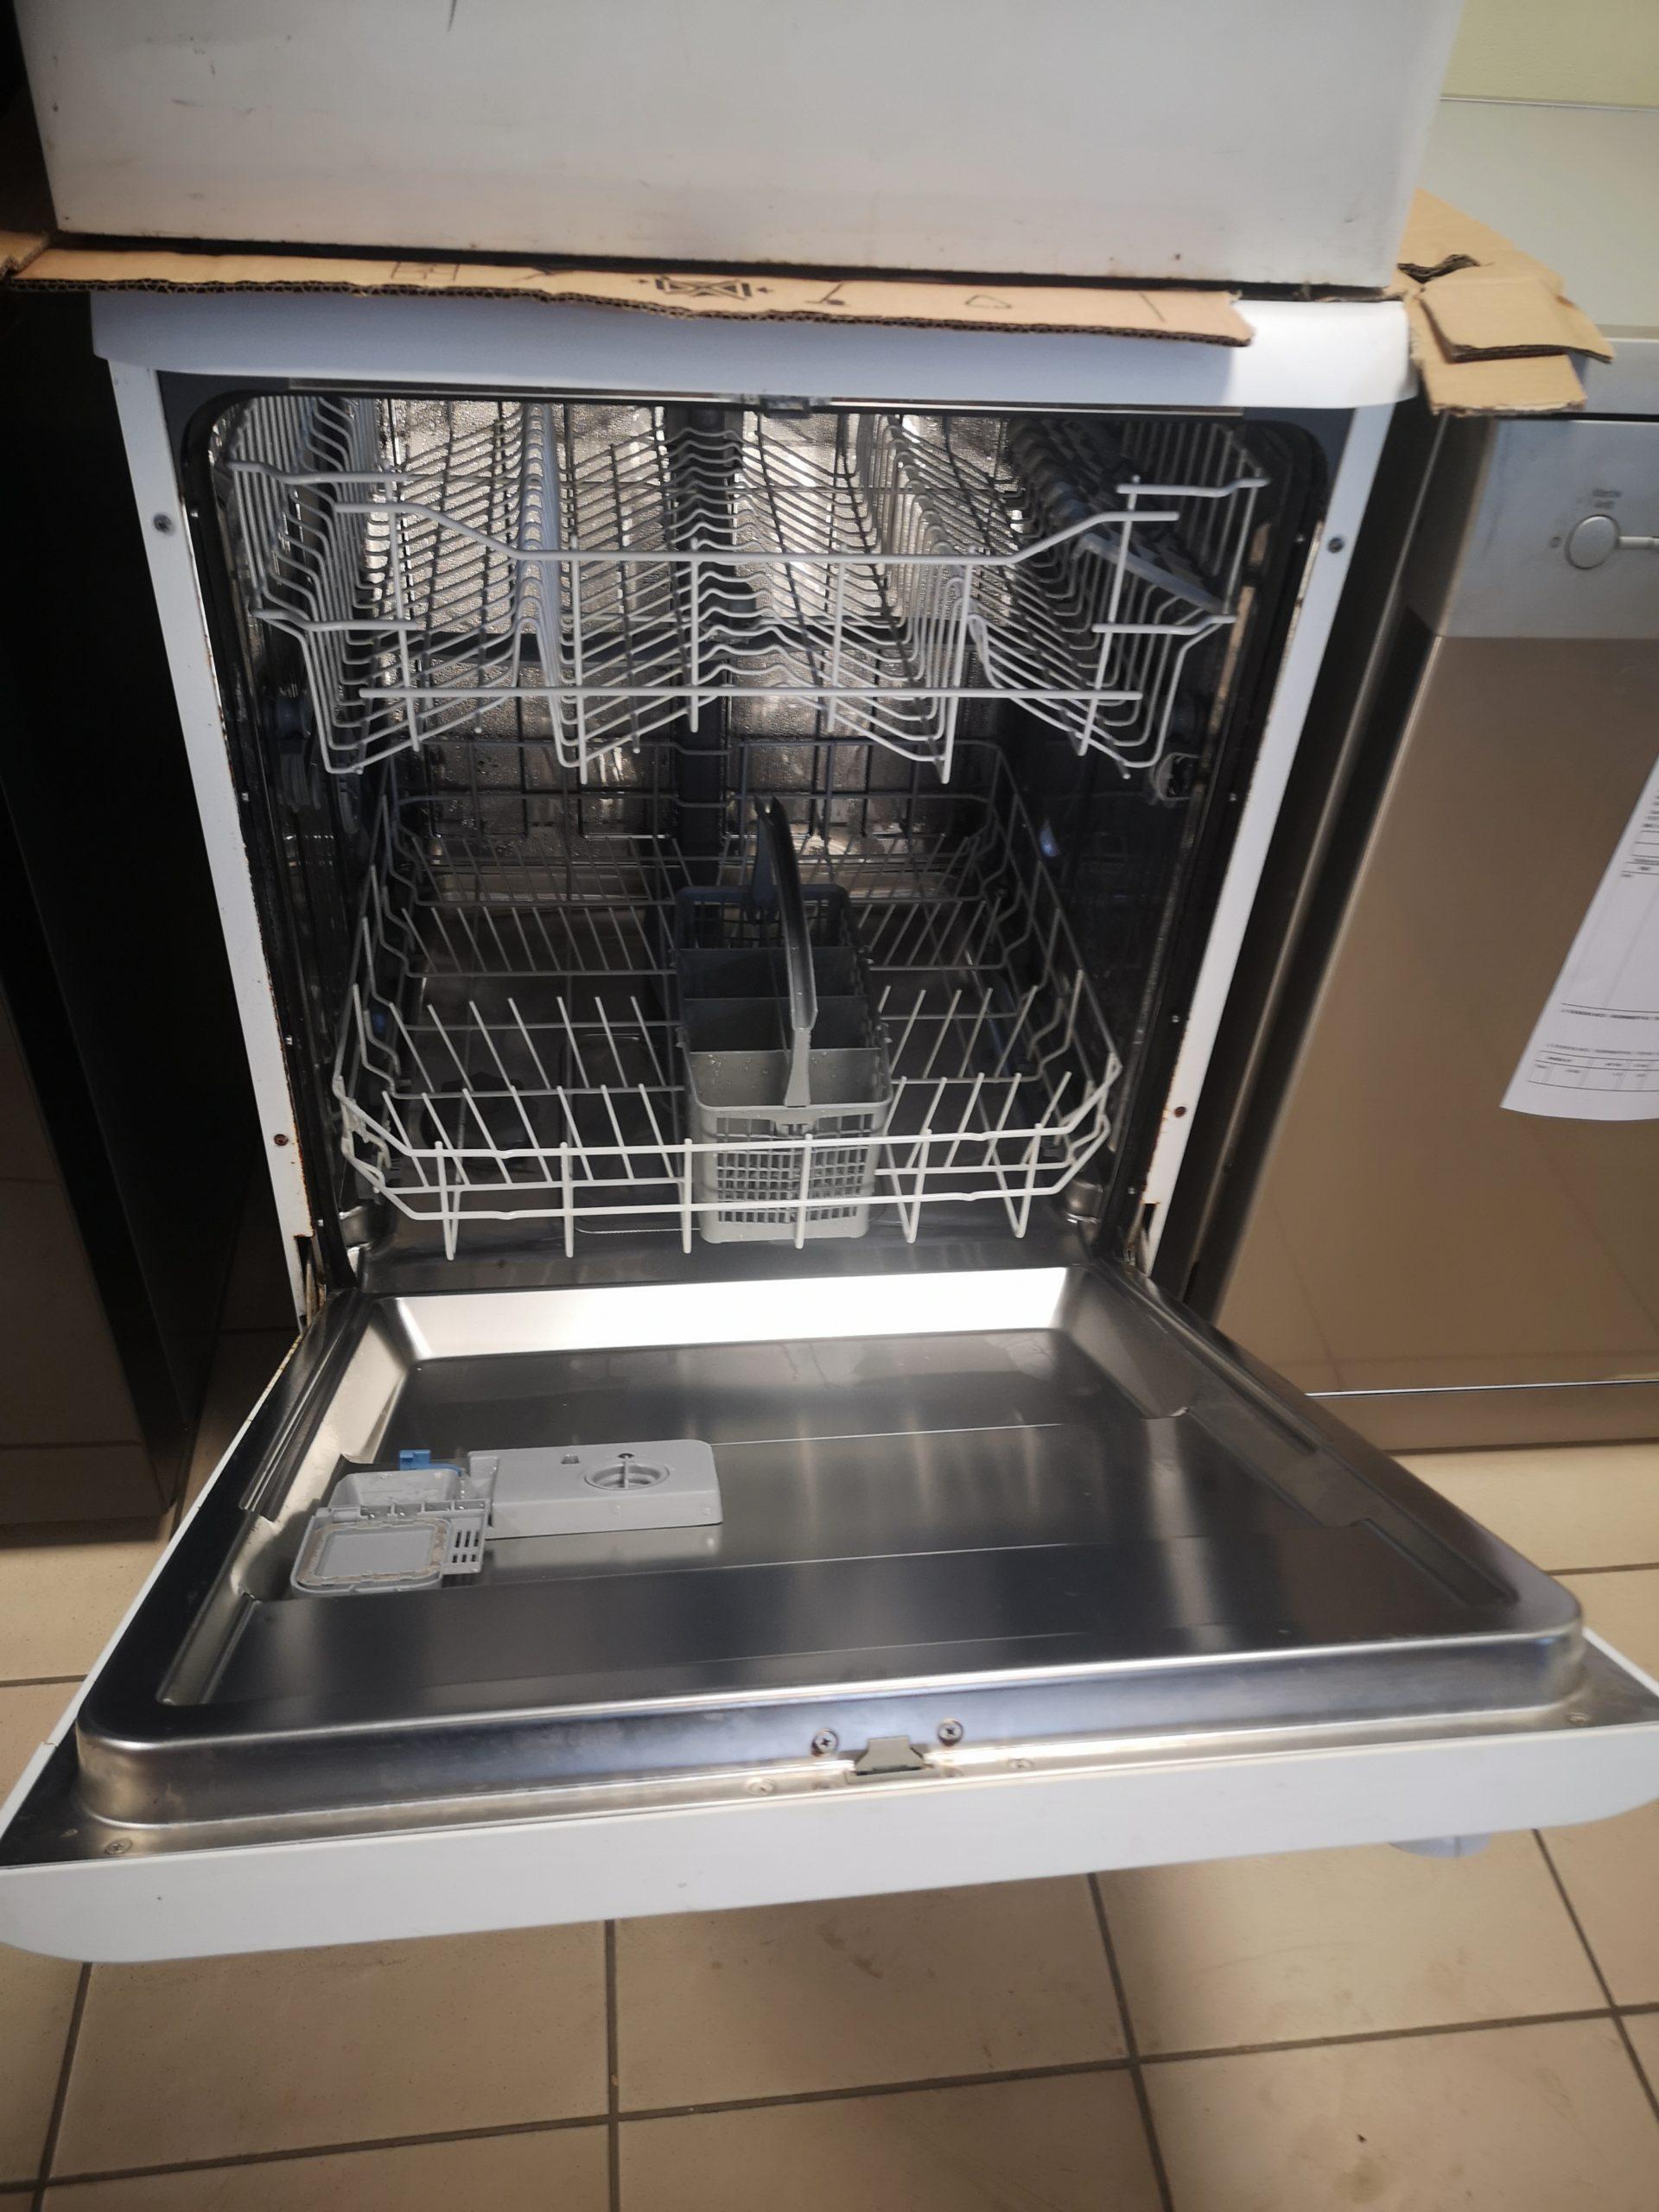 Lave vaisselle TECHWOOD – Prix : 20 000FR – GARANTIE 3 MOIS EN ATELIER